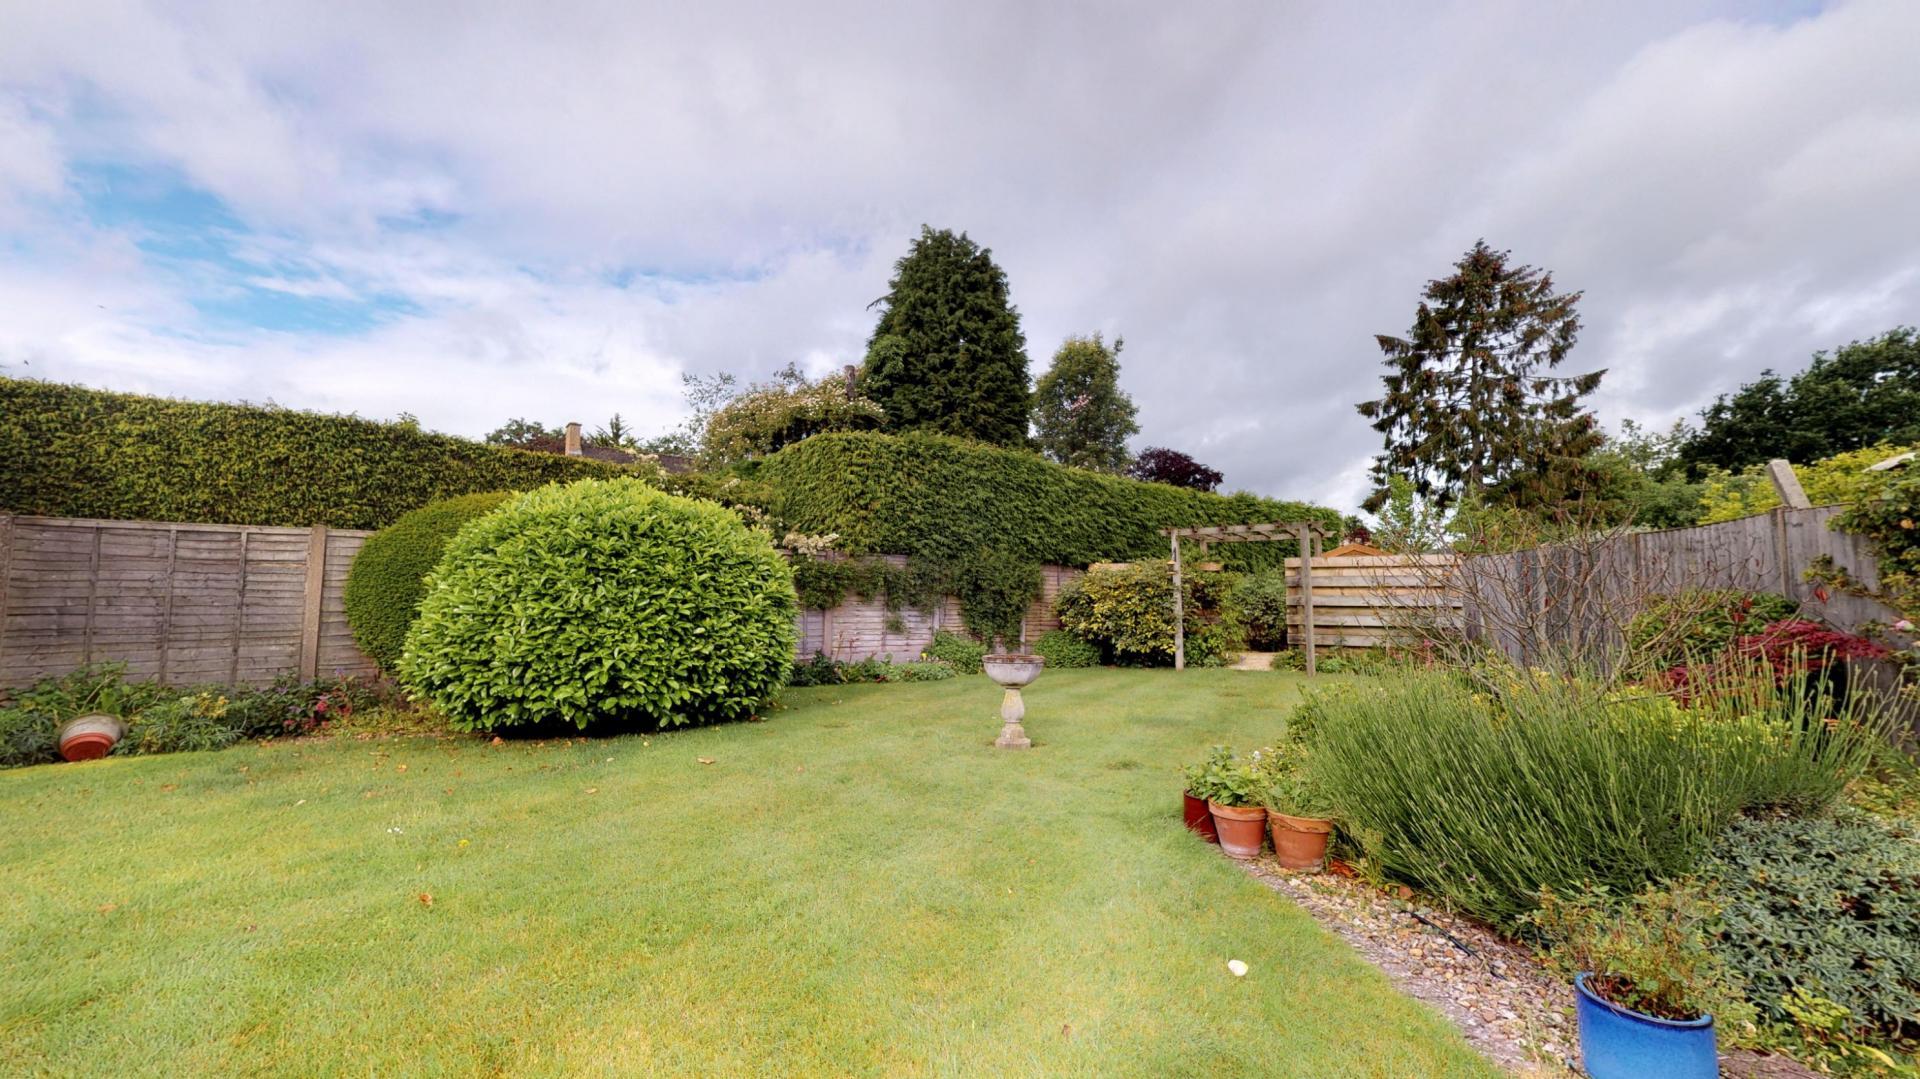 Garden at Blenheim Gate House, Centre, Woodstock